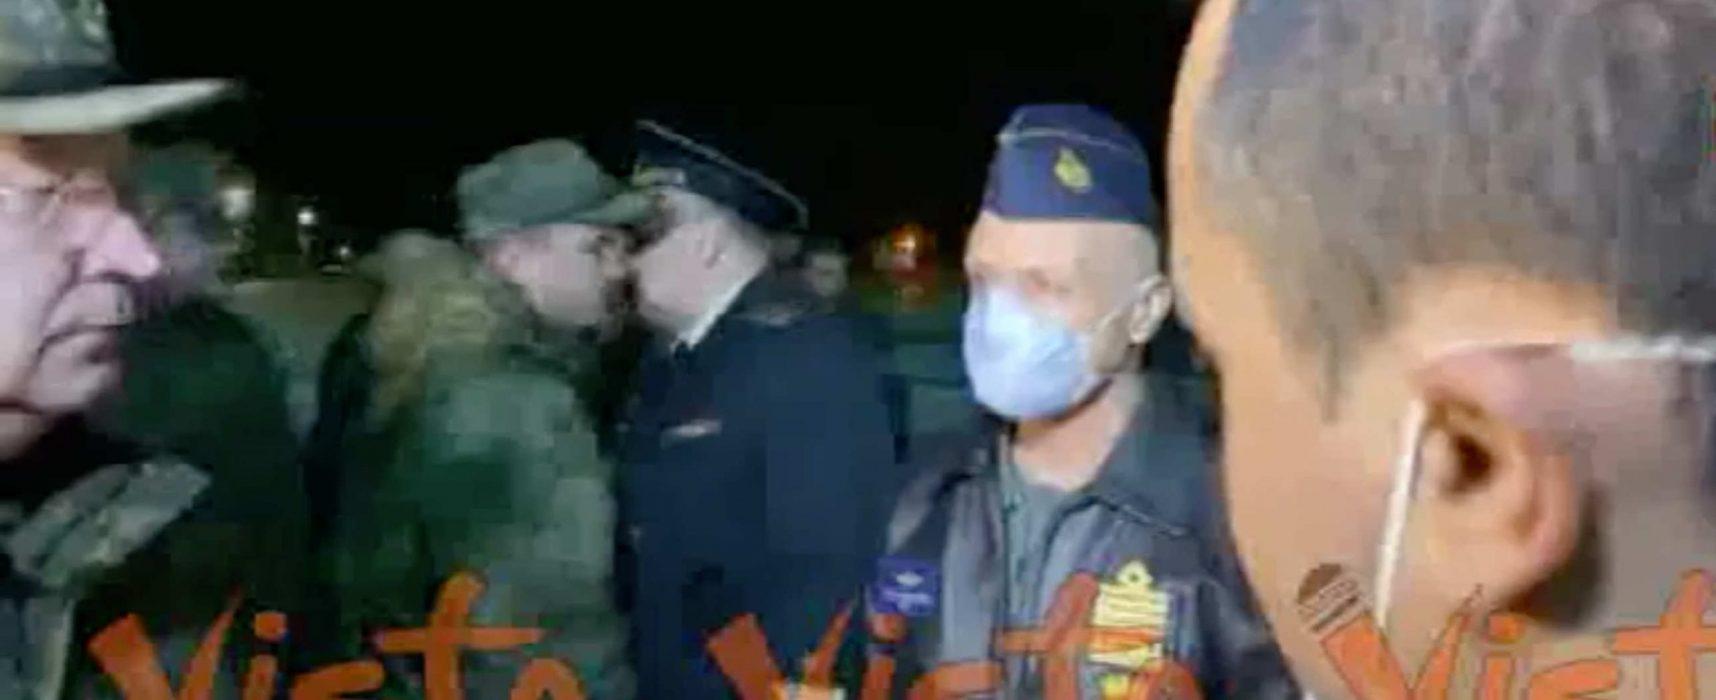 Putin ci salverà dal Covid: ovvero come convincere gli italiani che gli asini volano